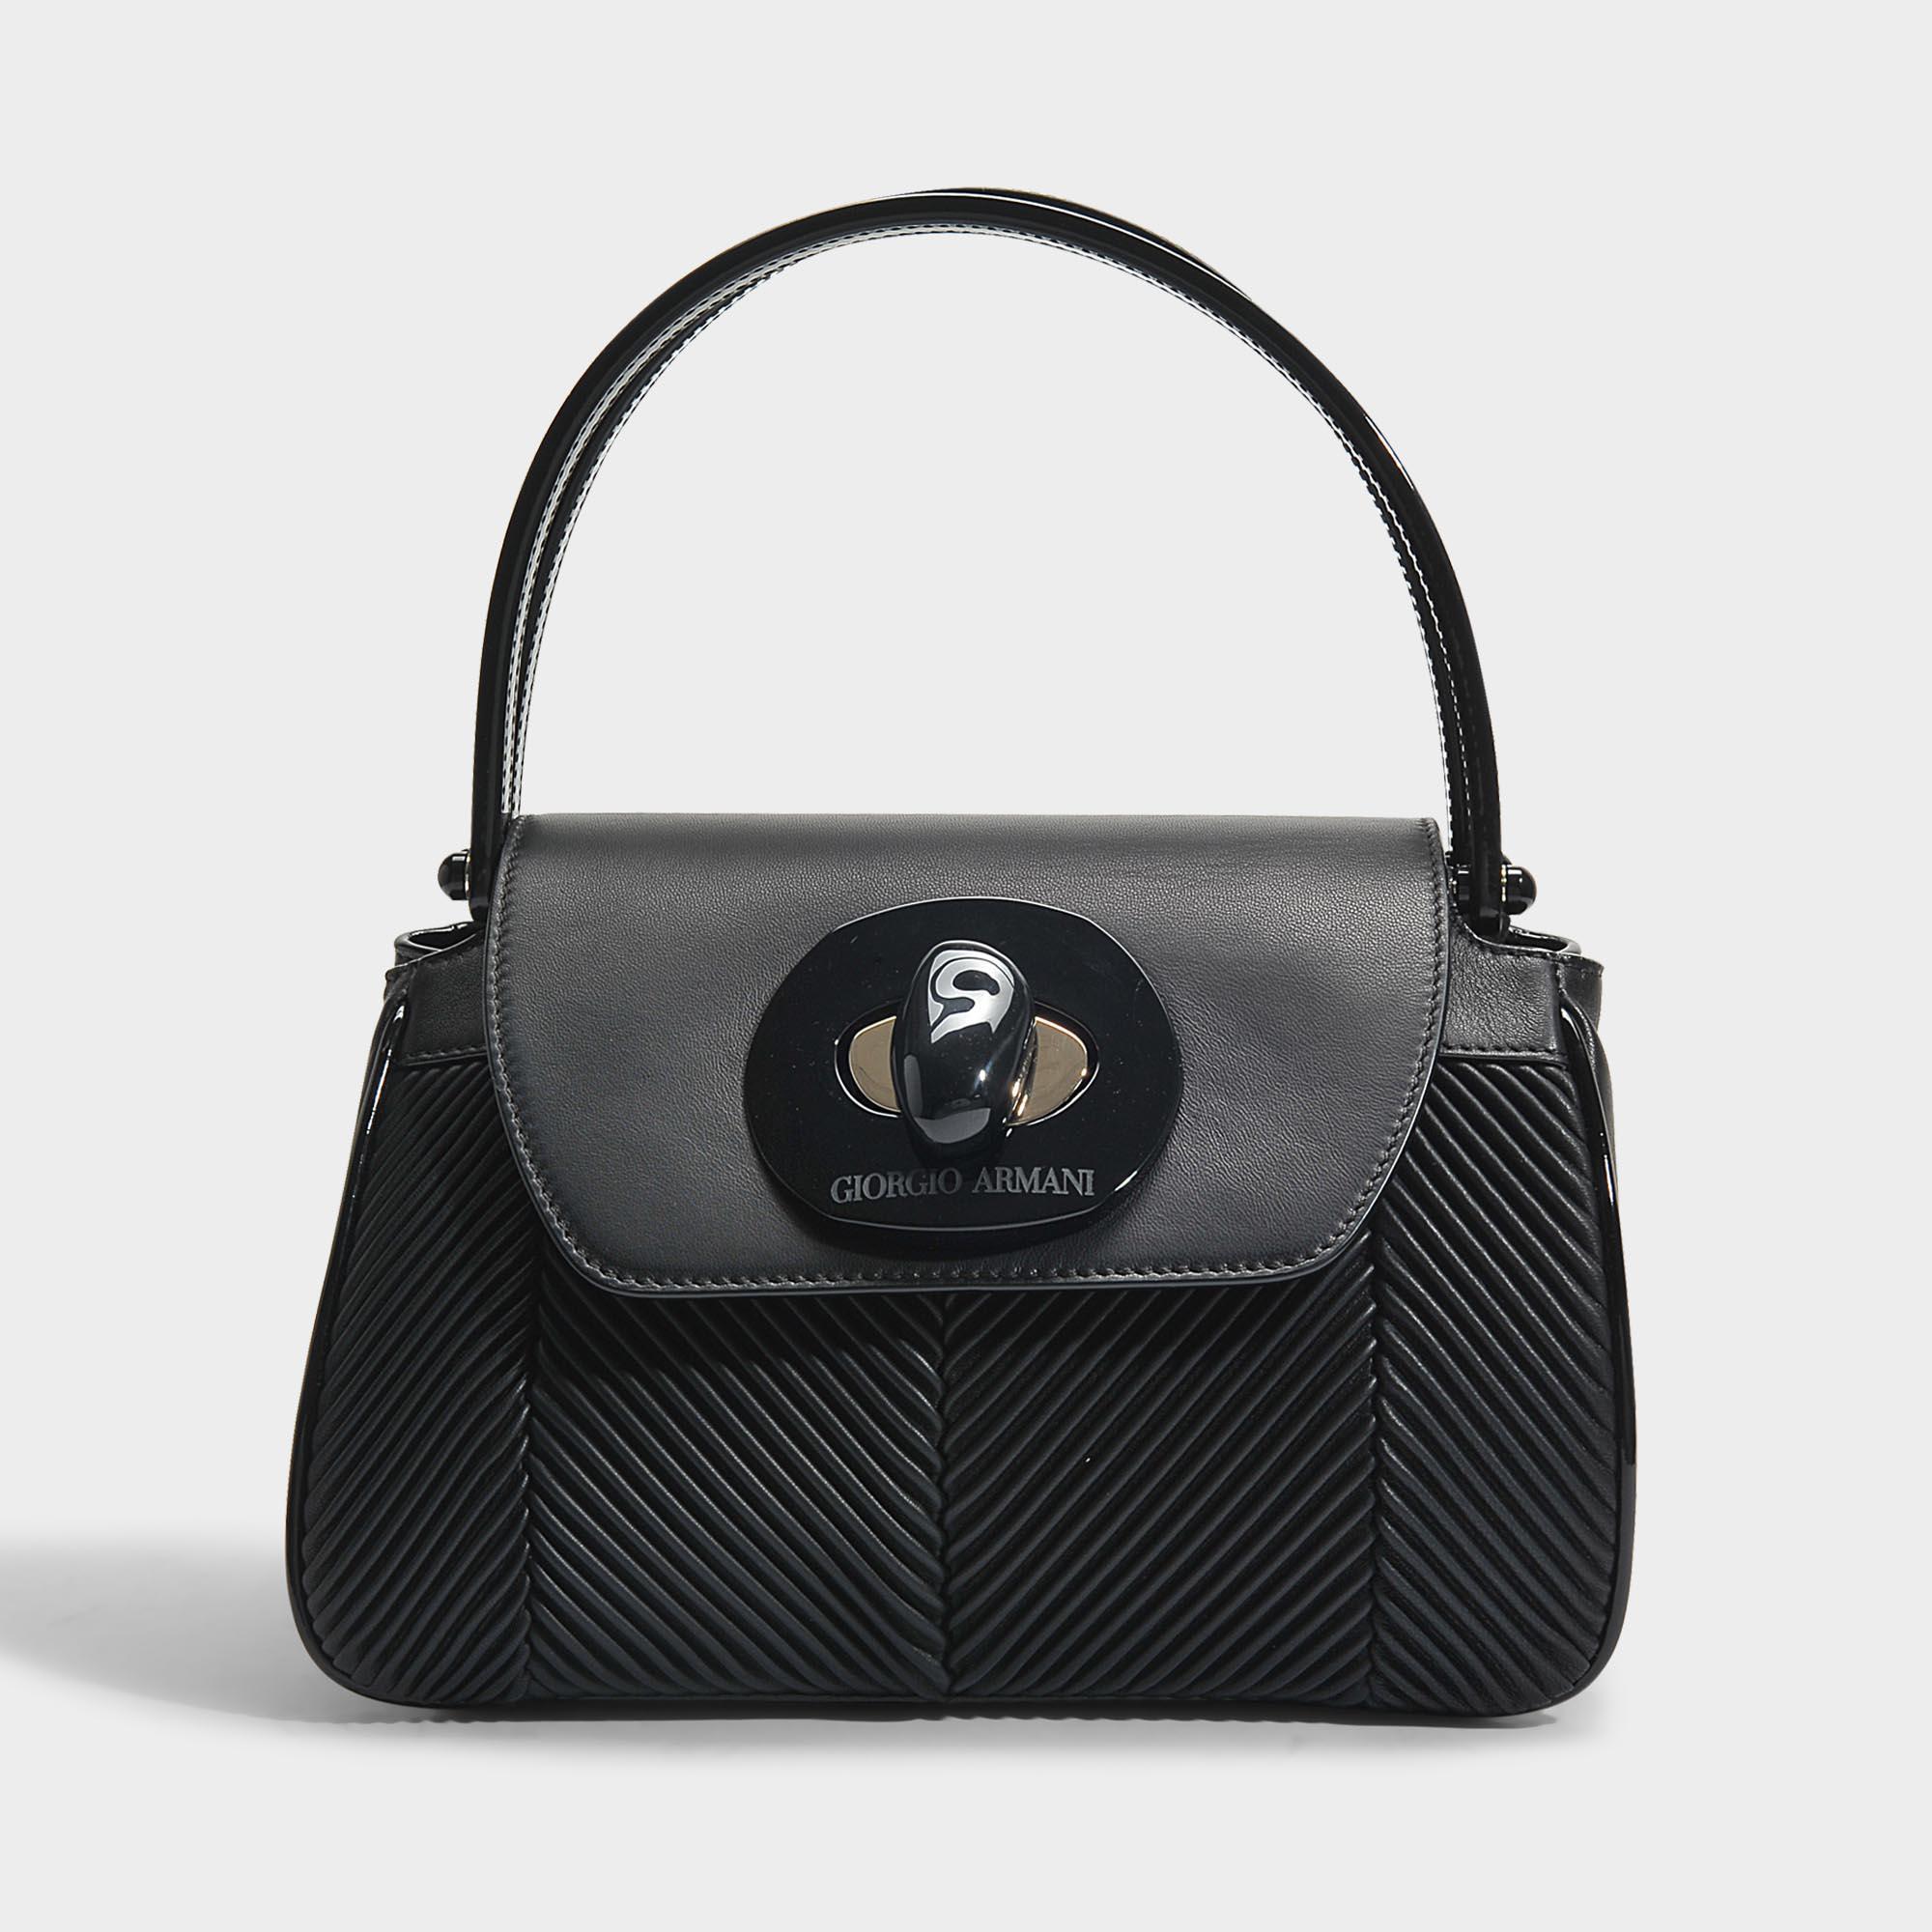 Musa Bag in Black Nappa Pleated Leather Giorgio Armani H8HN2toHsx